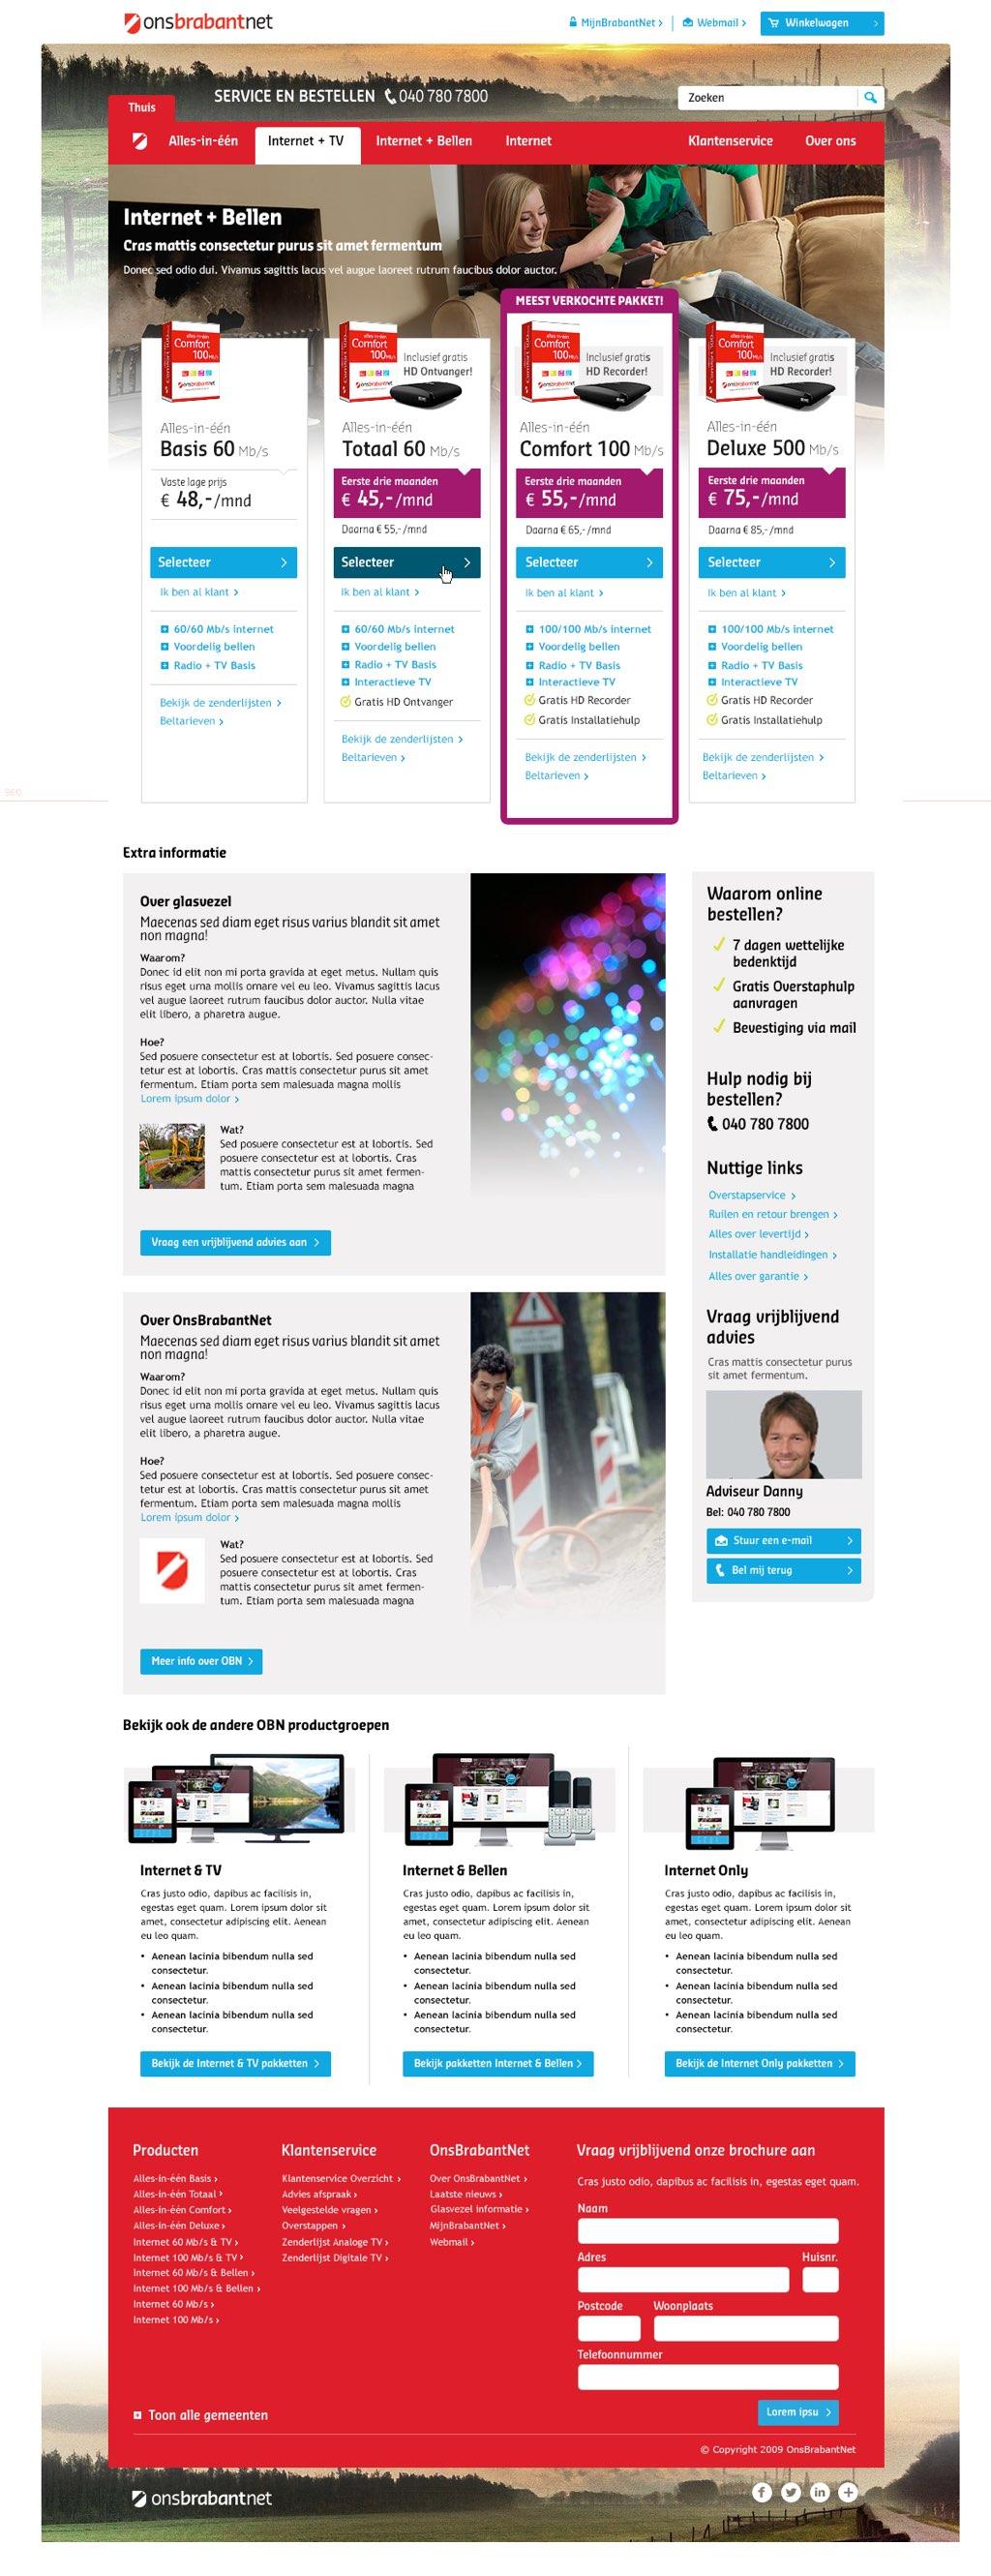 Afbeelding 7 van 11 - OnsBrabantNet re-design webshop - Nieuwe Product Categorie pagina